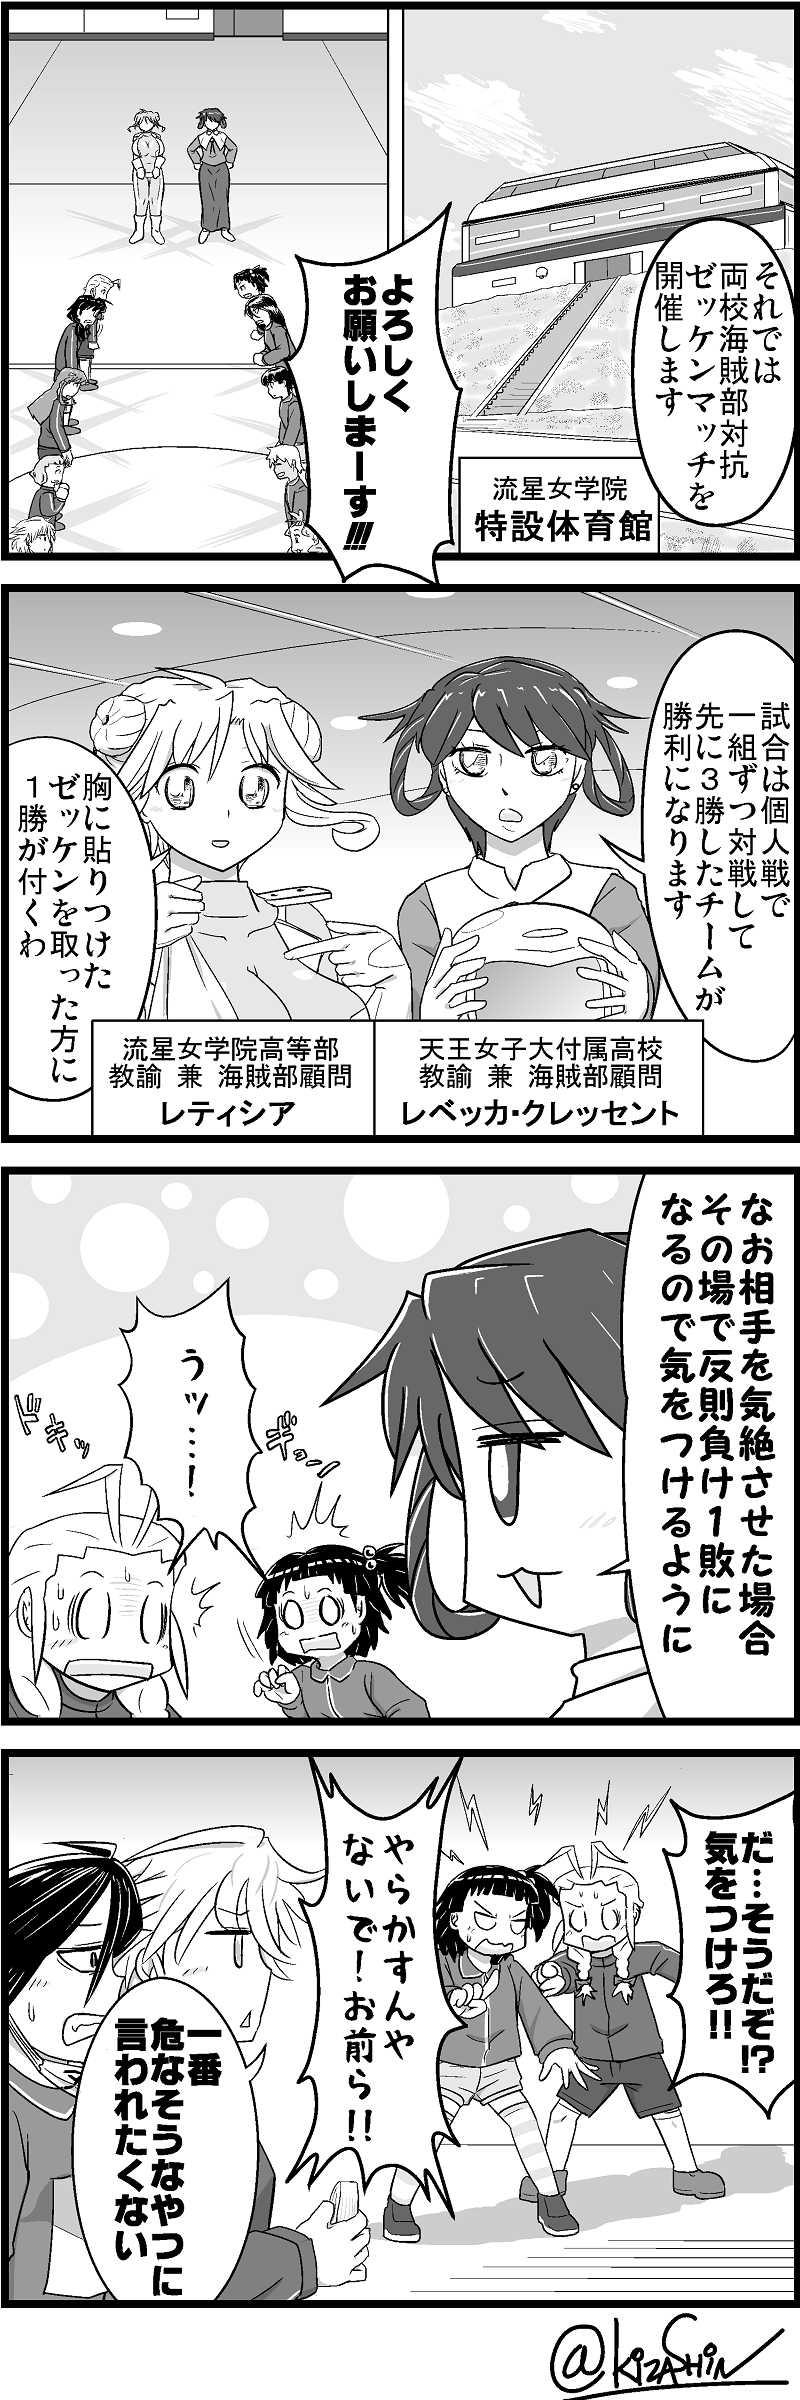 第58話 「マユタンとゼッケンマッチ開幕」